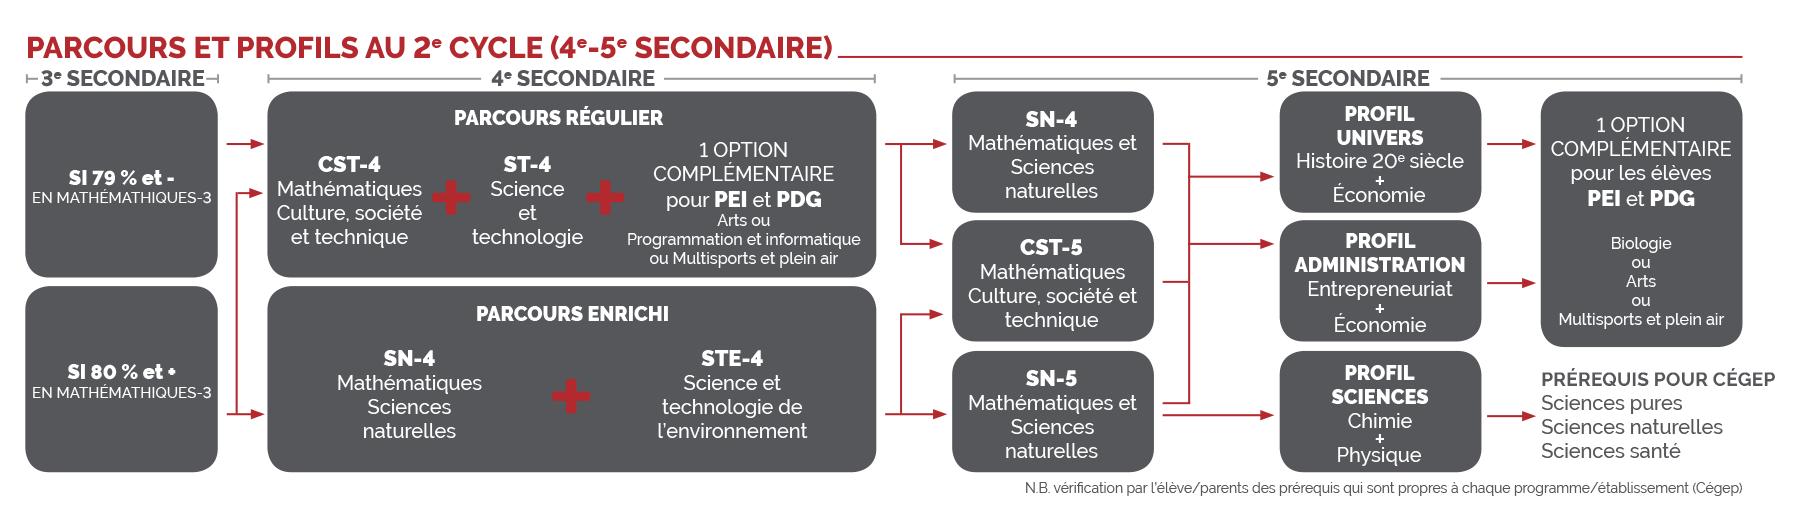 Parcours et profils collège Saint-Bernard